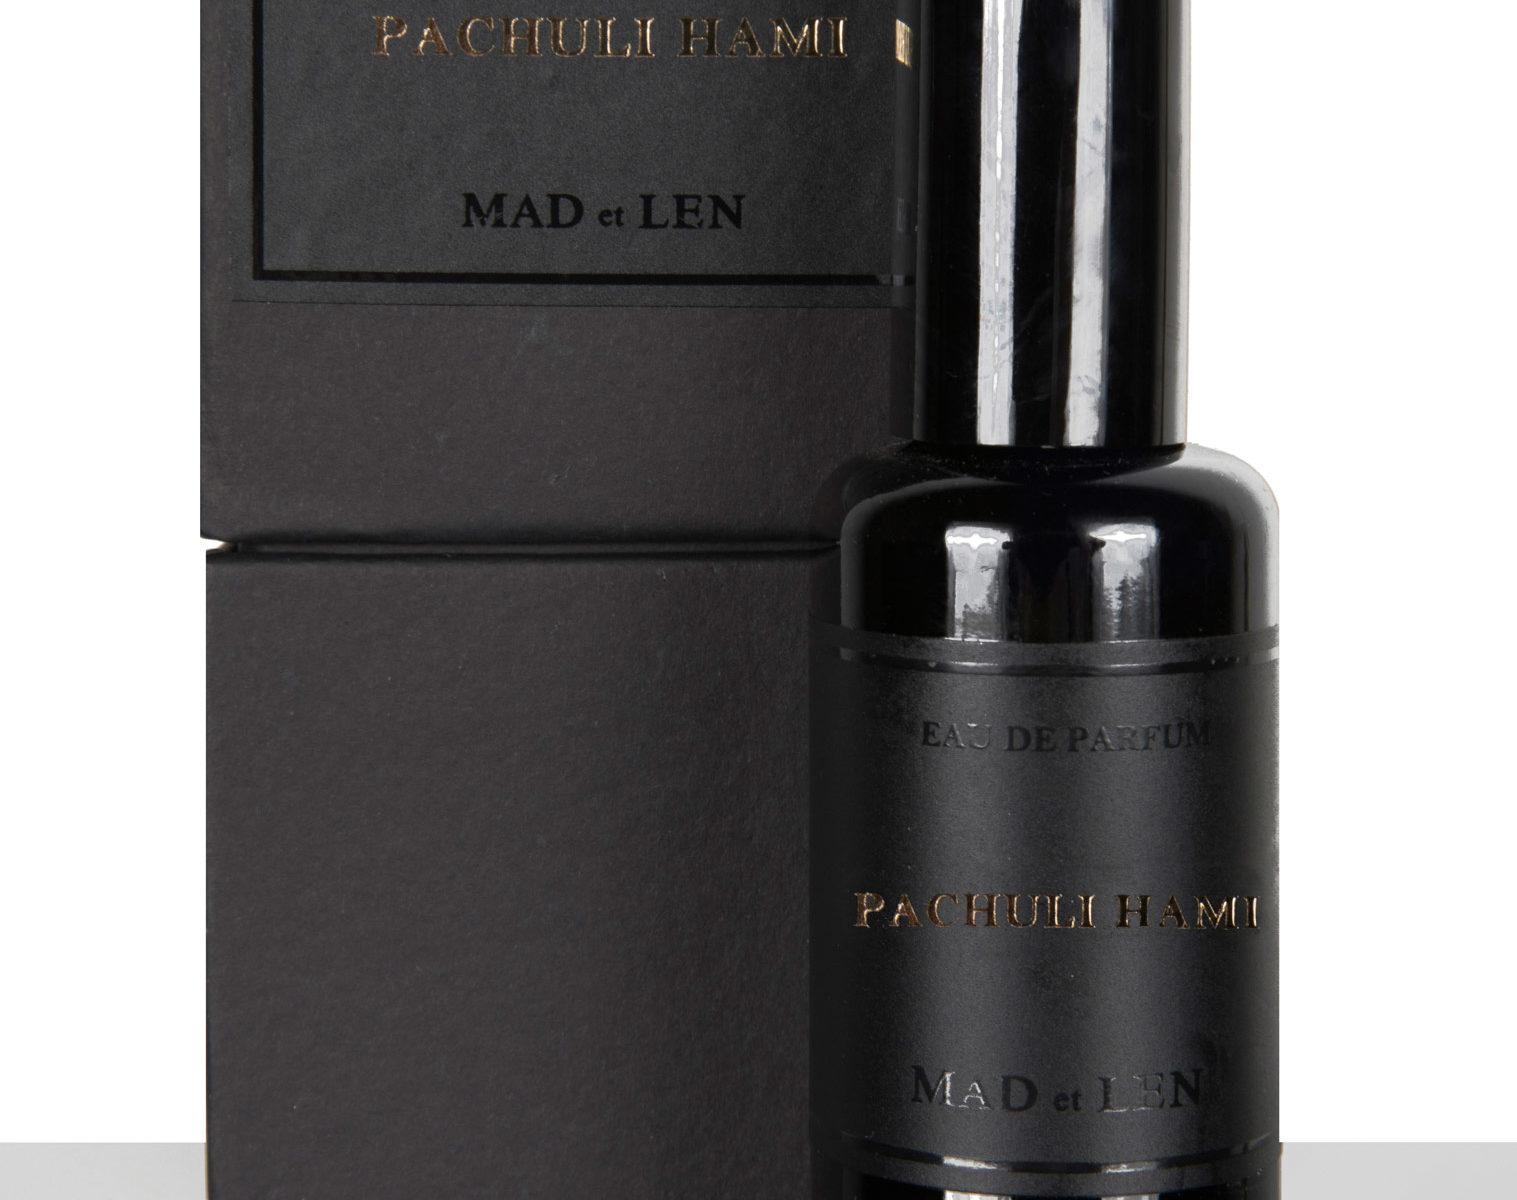 MAD ET LEN Eau de Parfum Classic 50ml patchouli